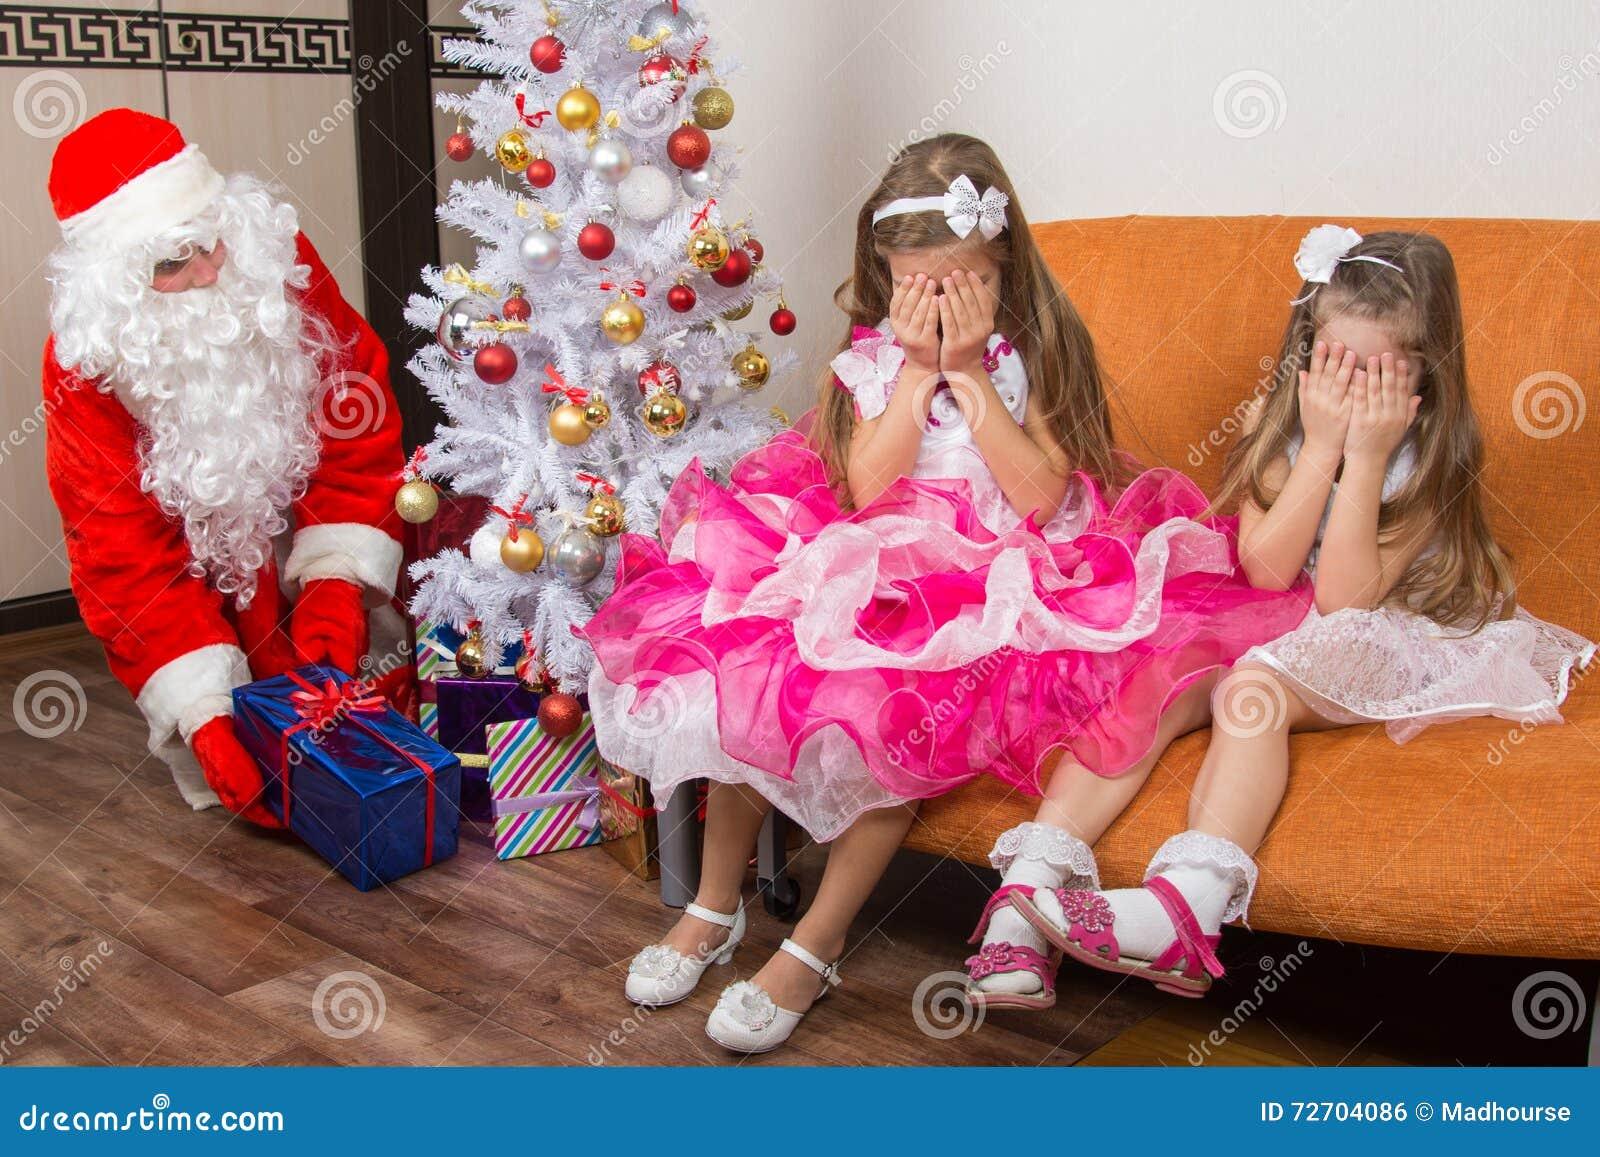 Två flickor stängde ögon med hans händer, tills Santa Claus satte gåvor under julgranen